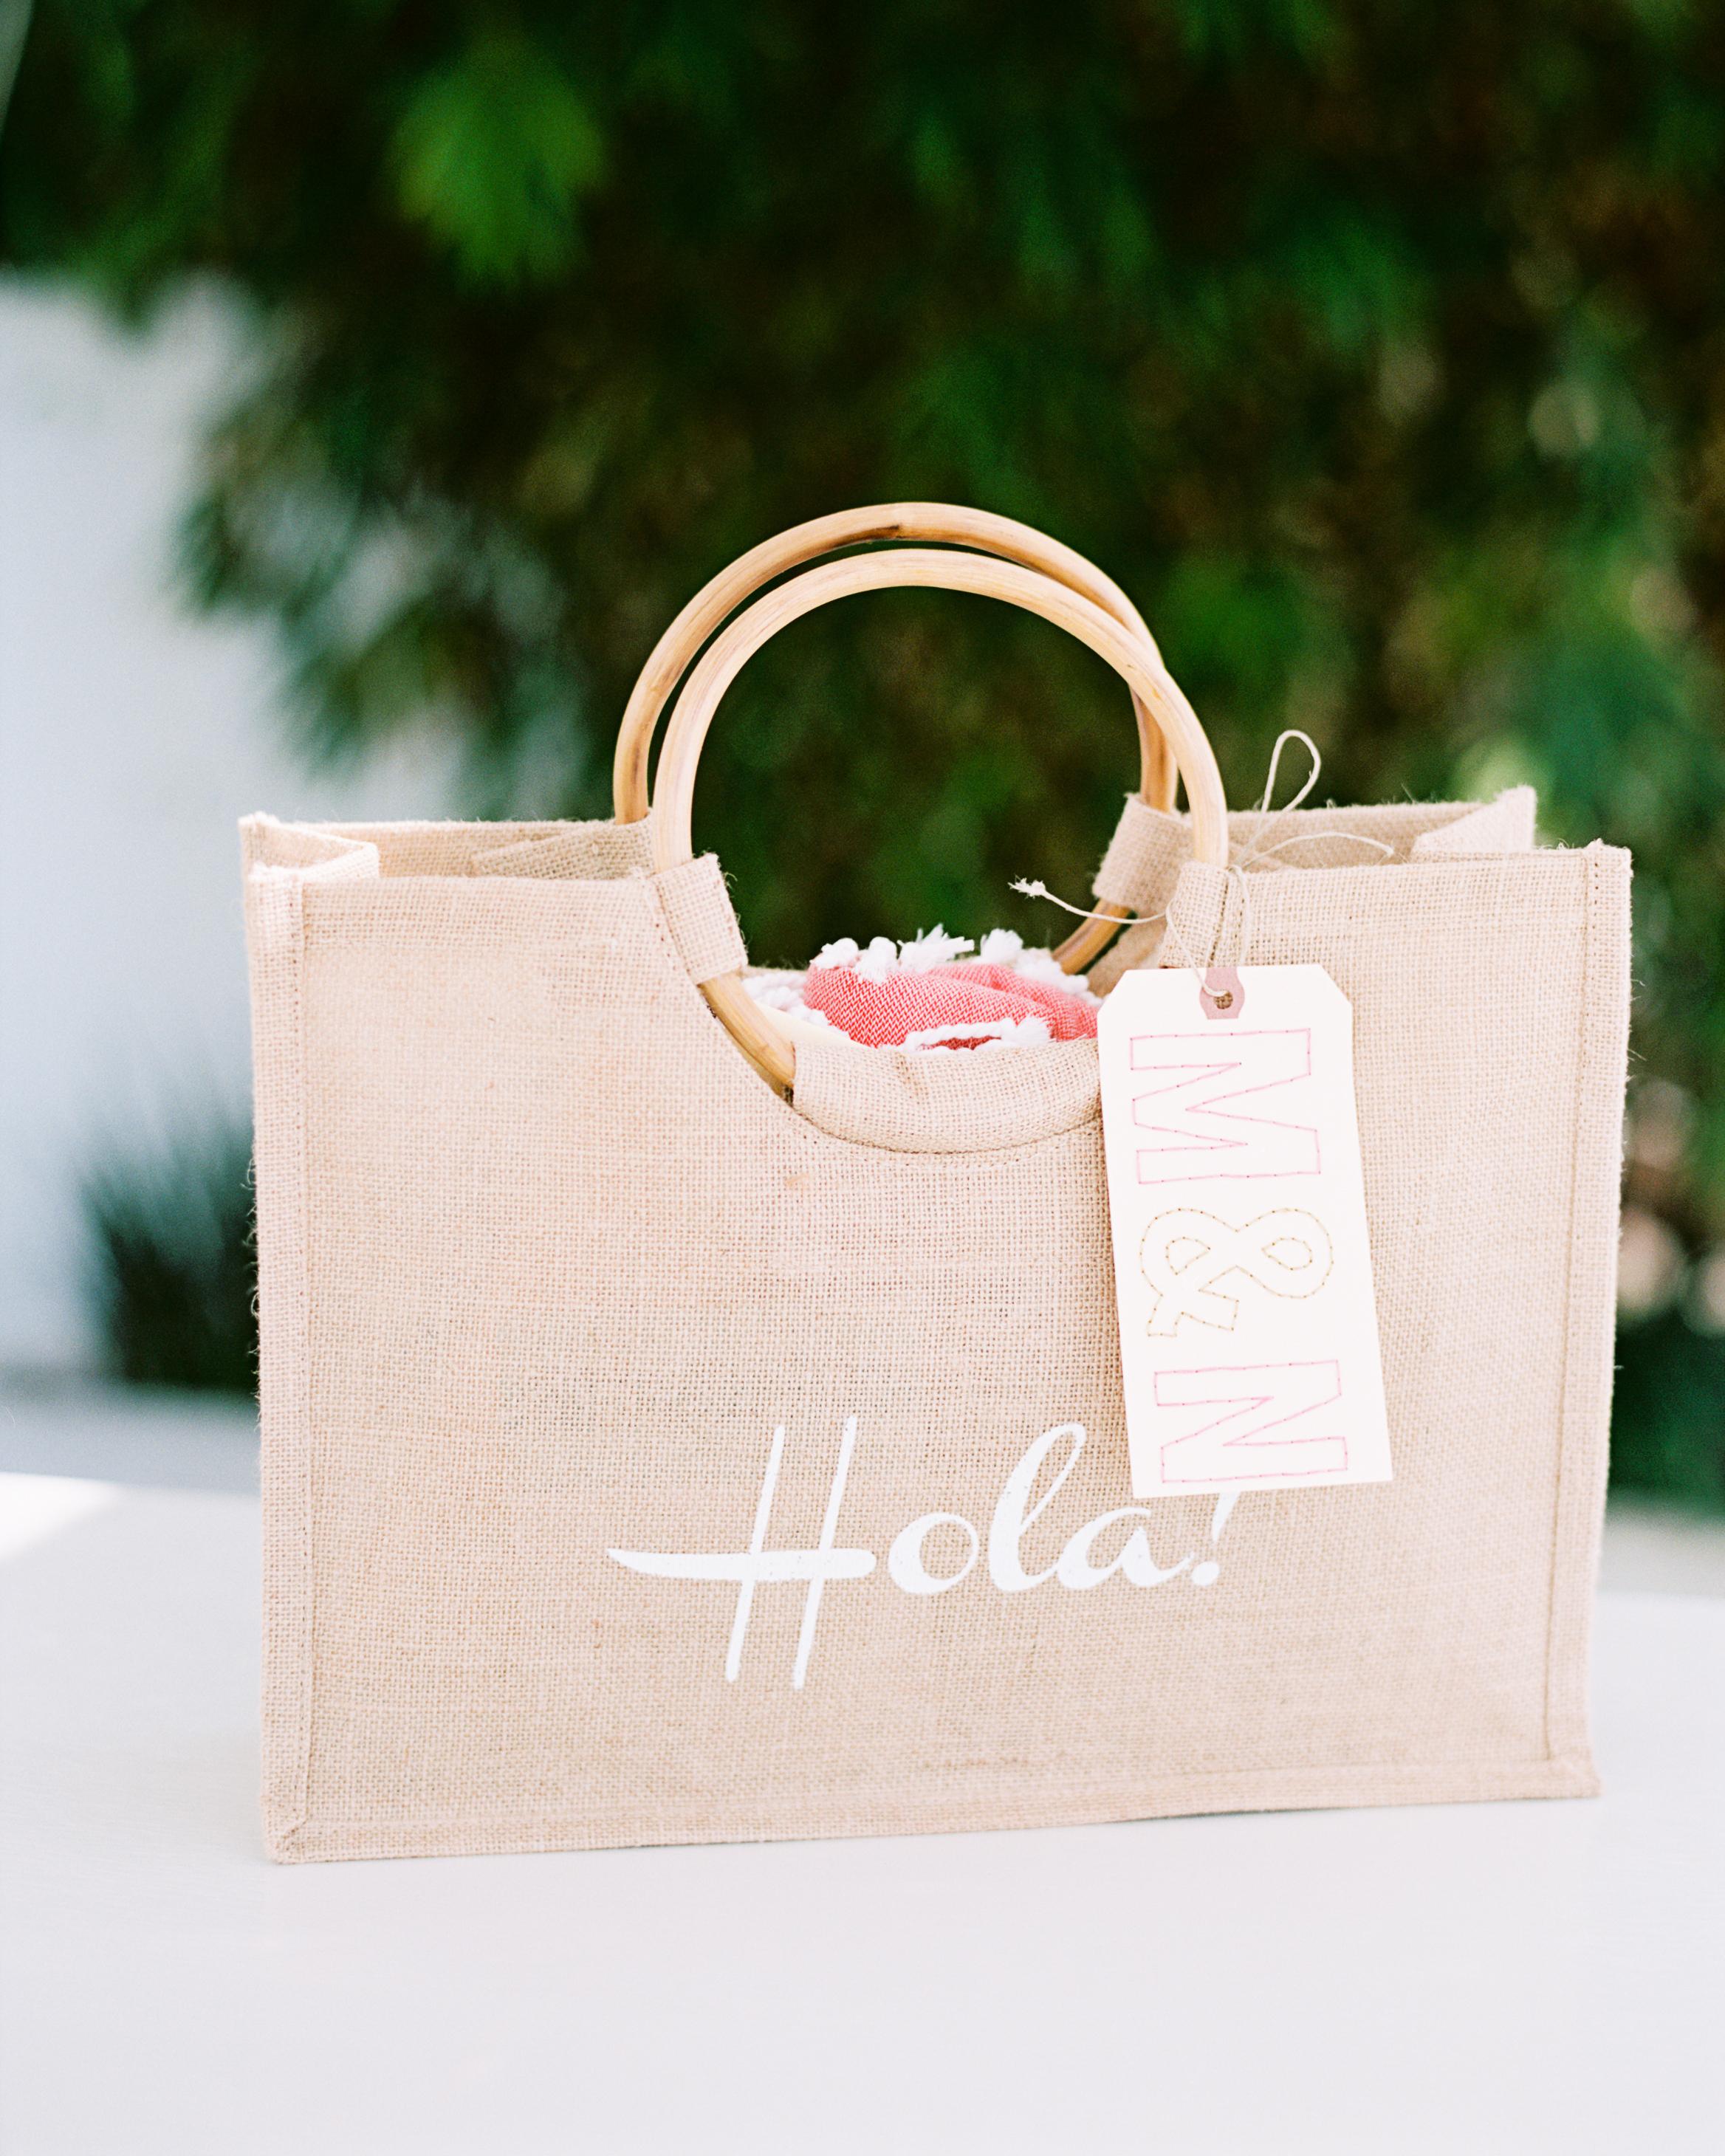 molly-nate-wedding-welcomebag-022-s111479-0814.jpg